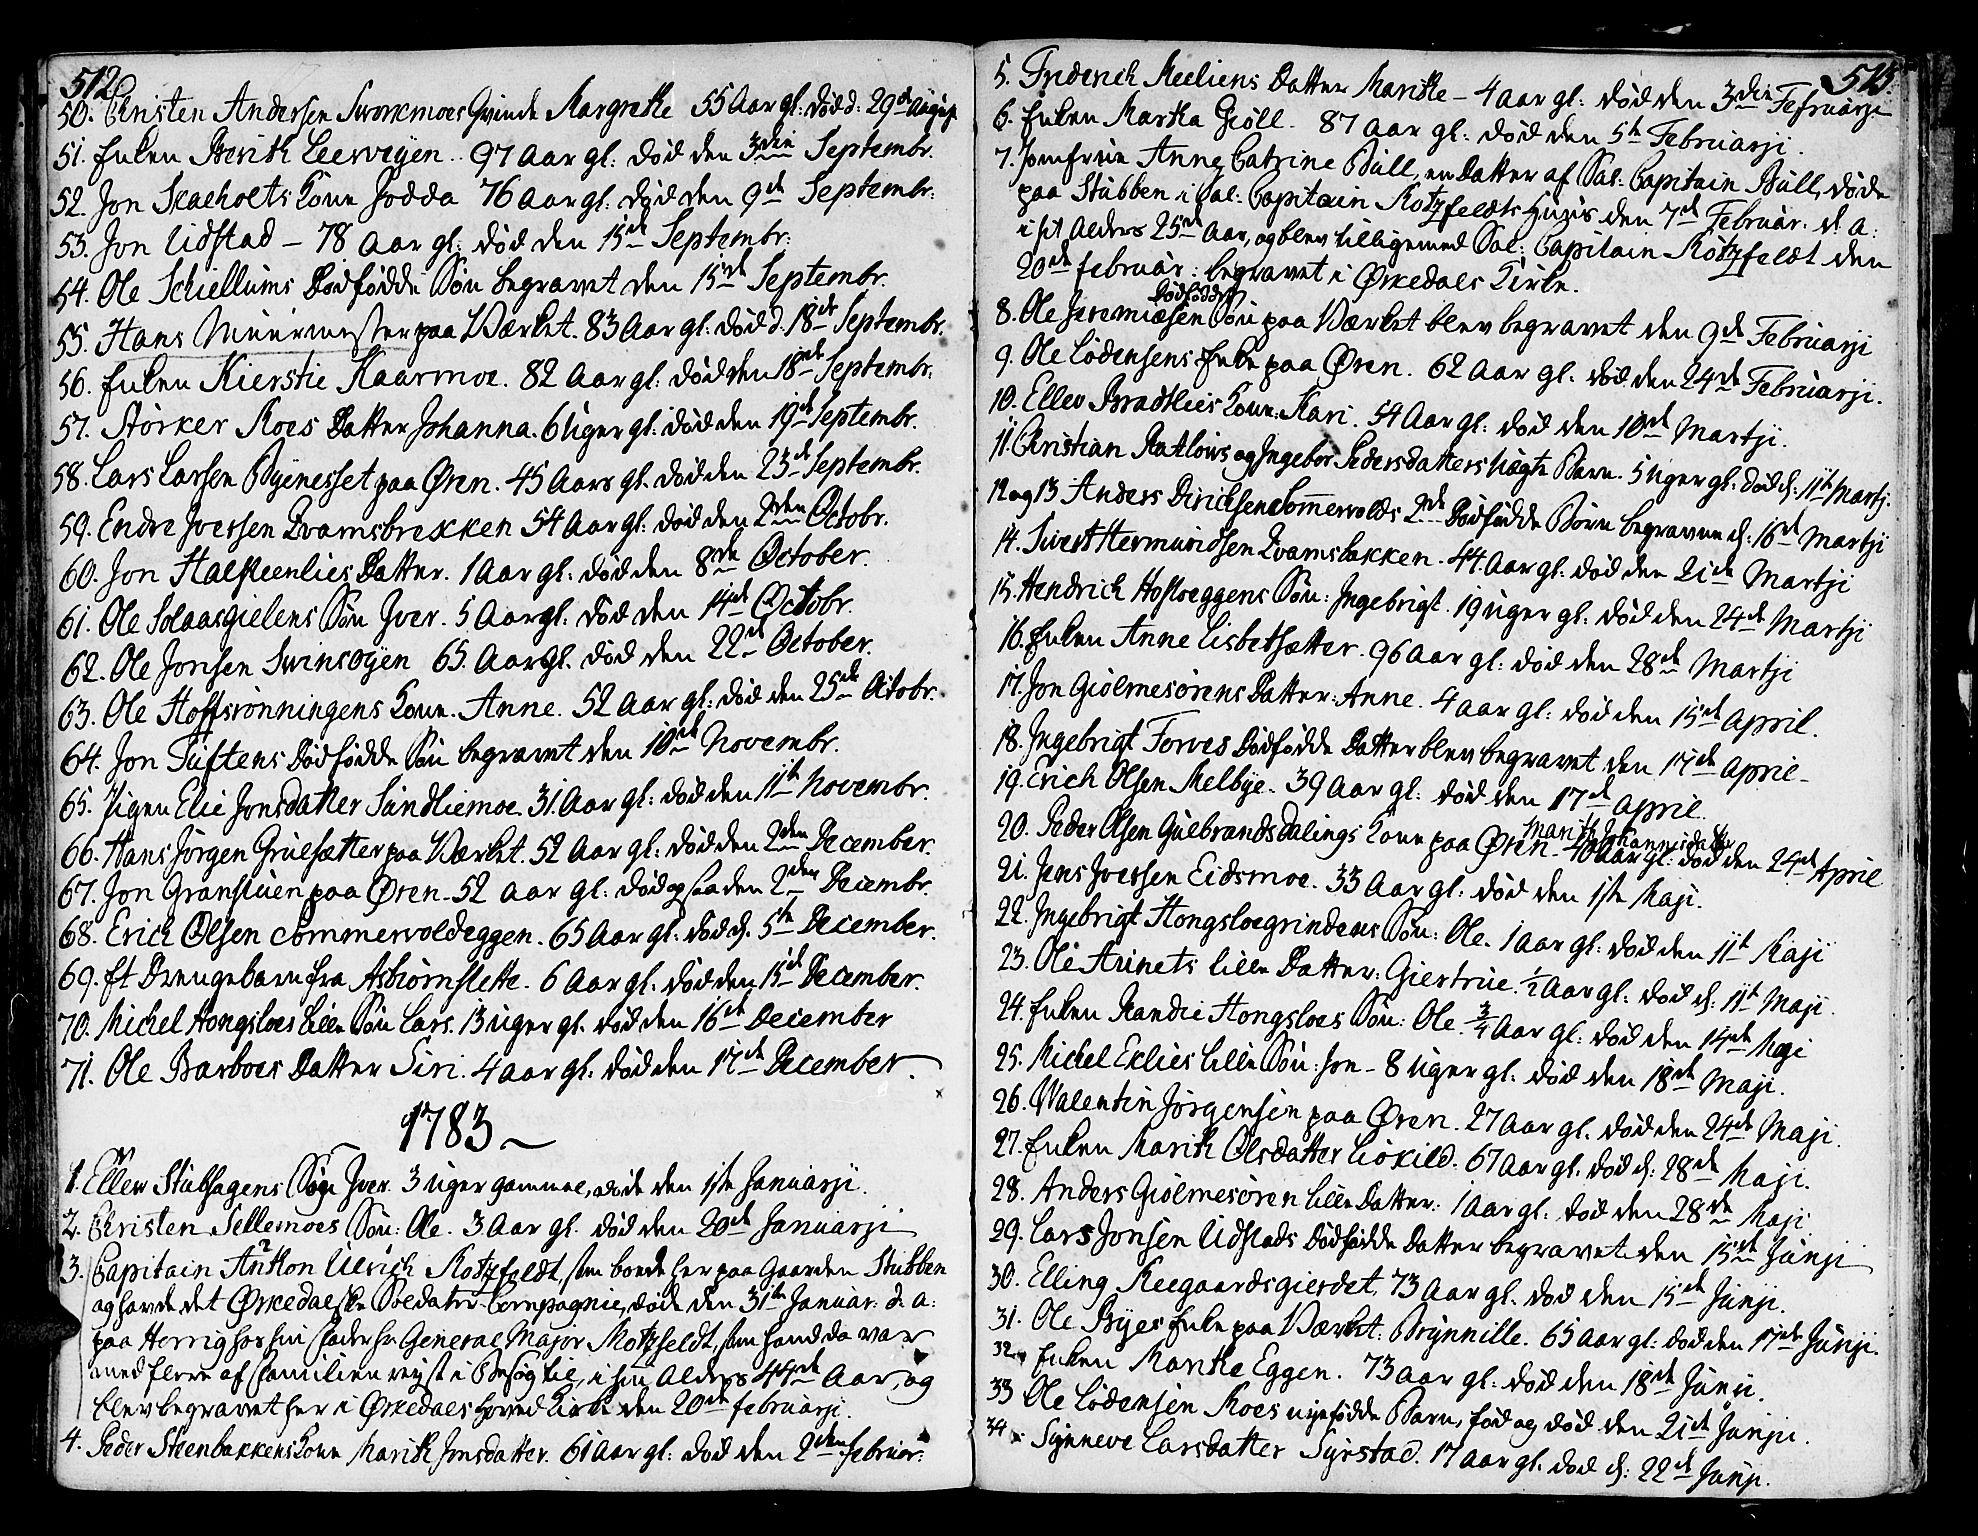 SAT, Ministerialprotokoller, klokkerbøker og fødselsregistre - Sør-Trøndelag, 668/L0802: Ministerialbok nr. 668A02, 1776-1799, s. 512-513